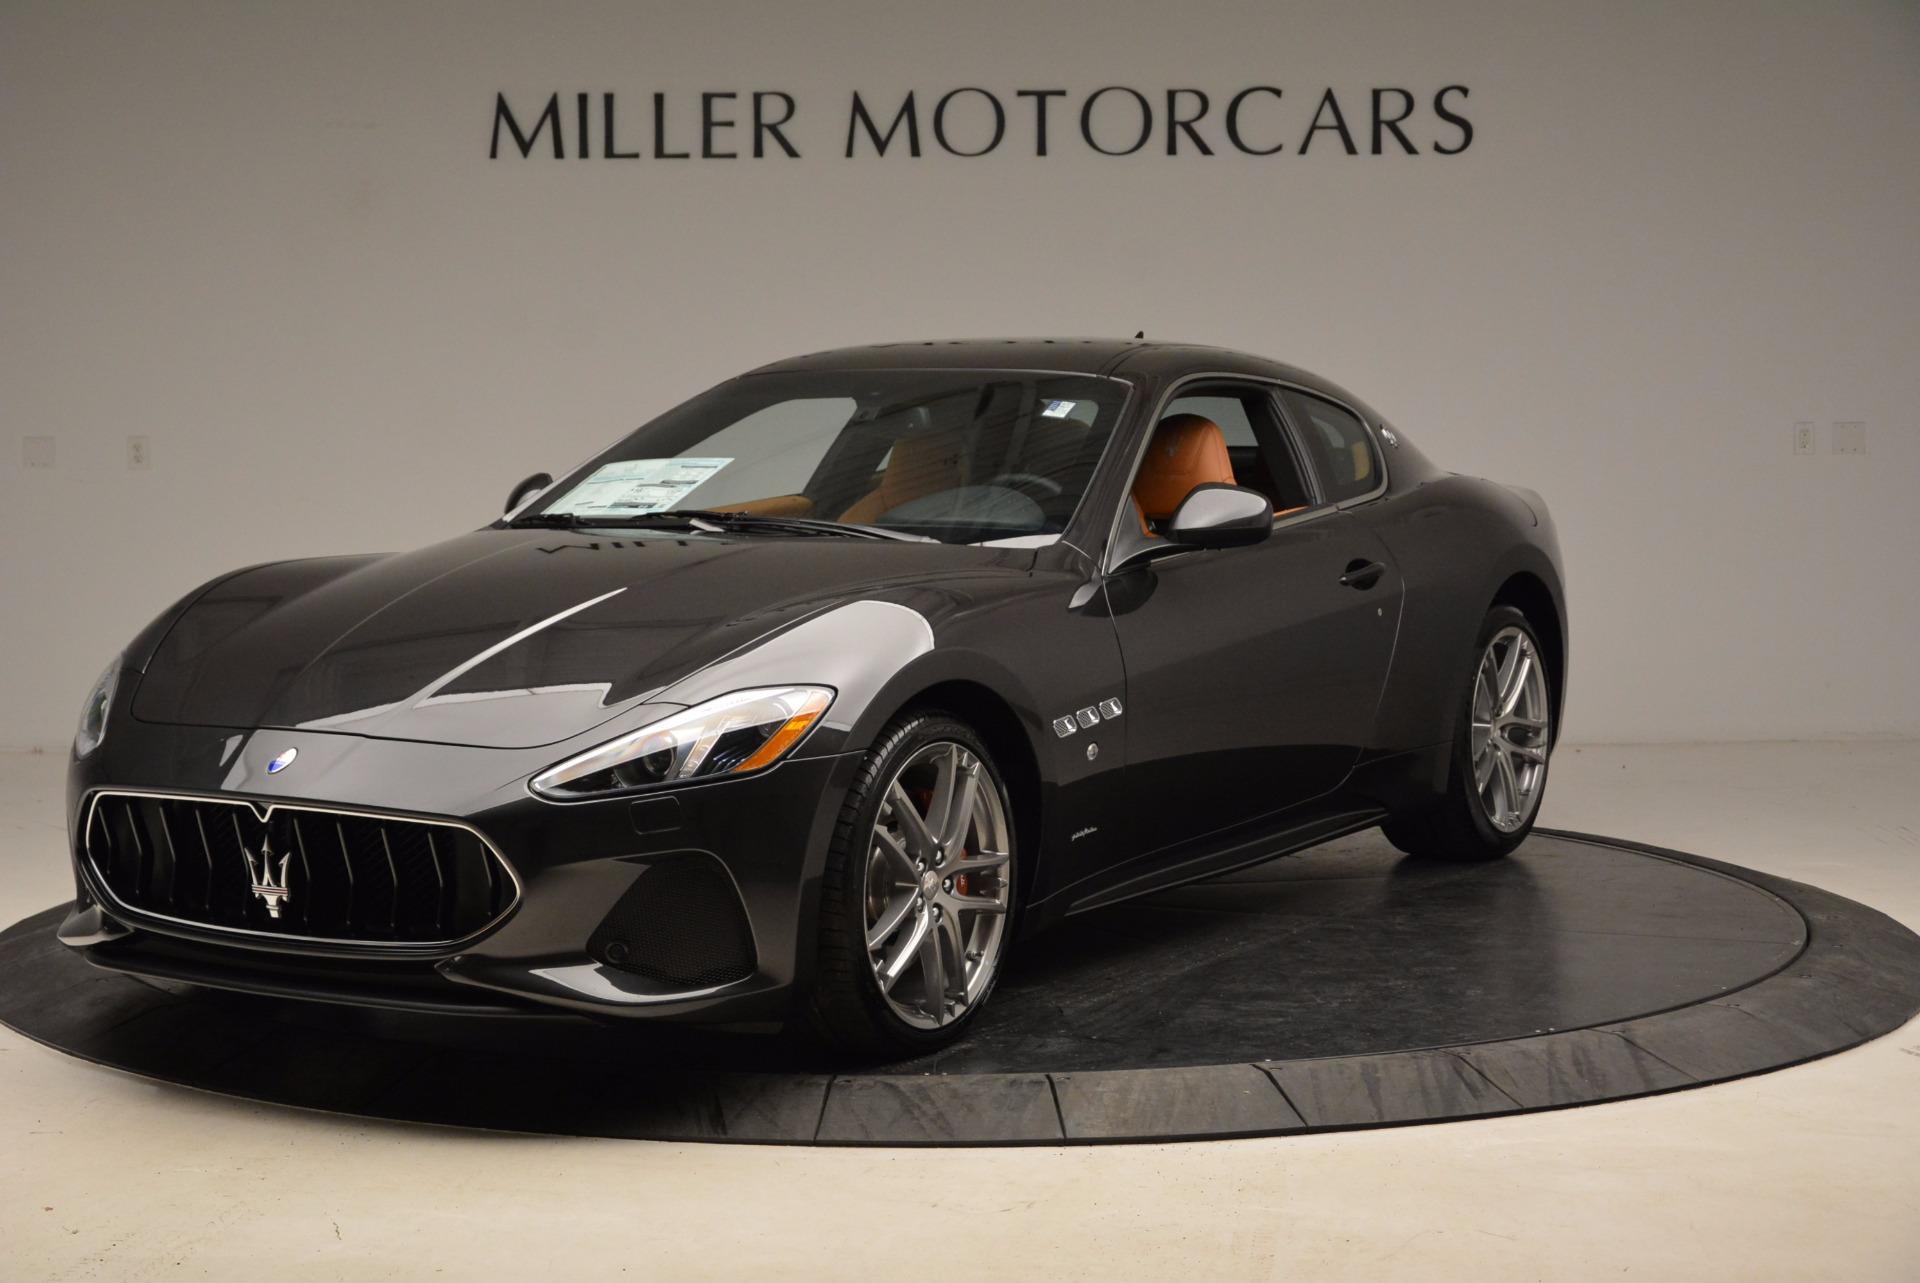 New 2018 Maserati GranTurismo Sport Coupe For Sale In Greenwich, CT 1771_main